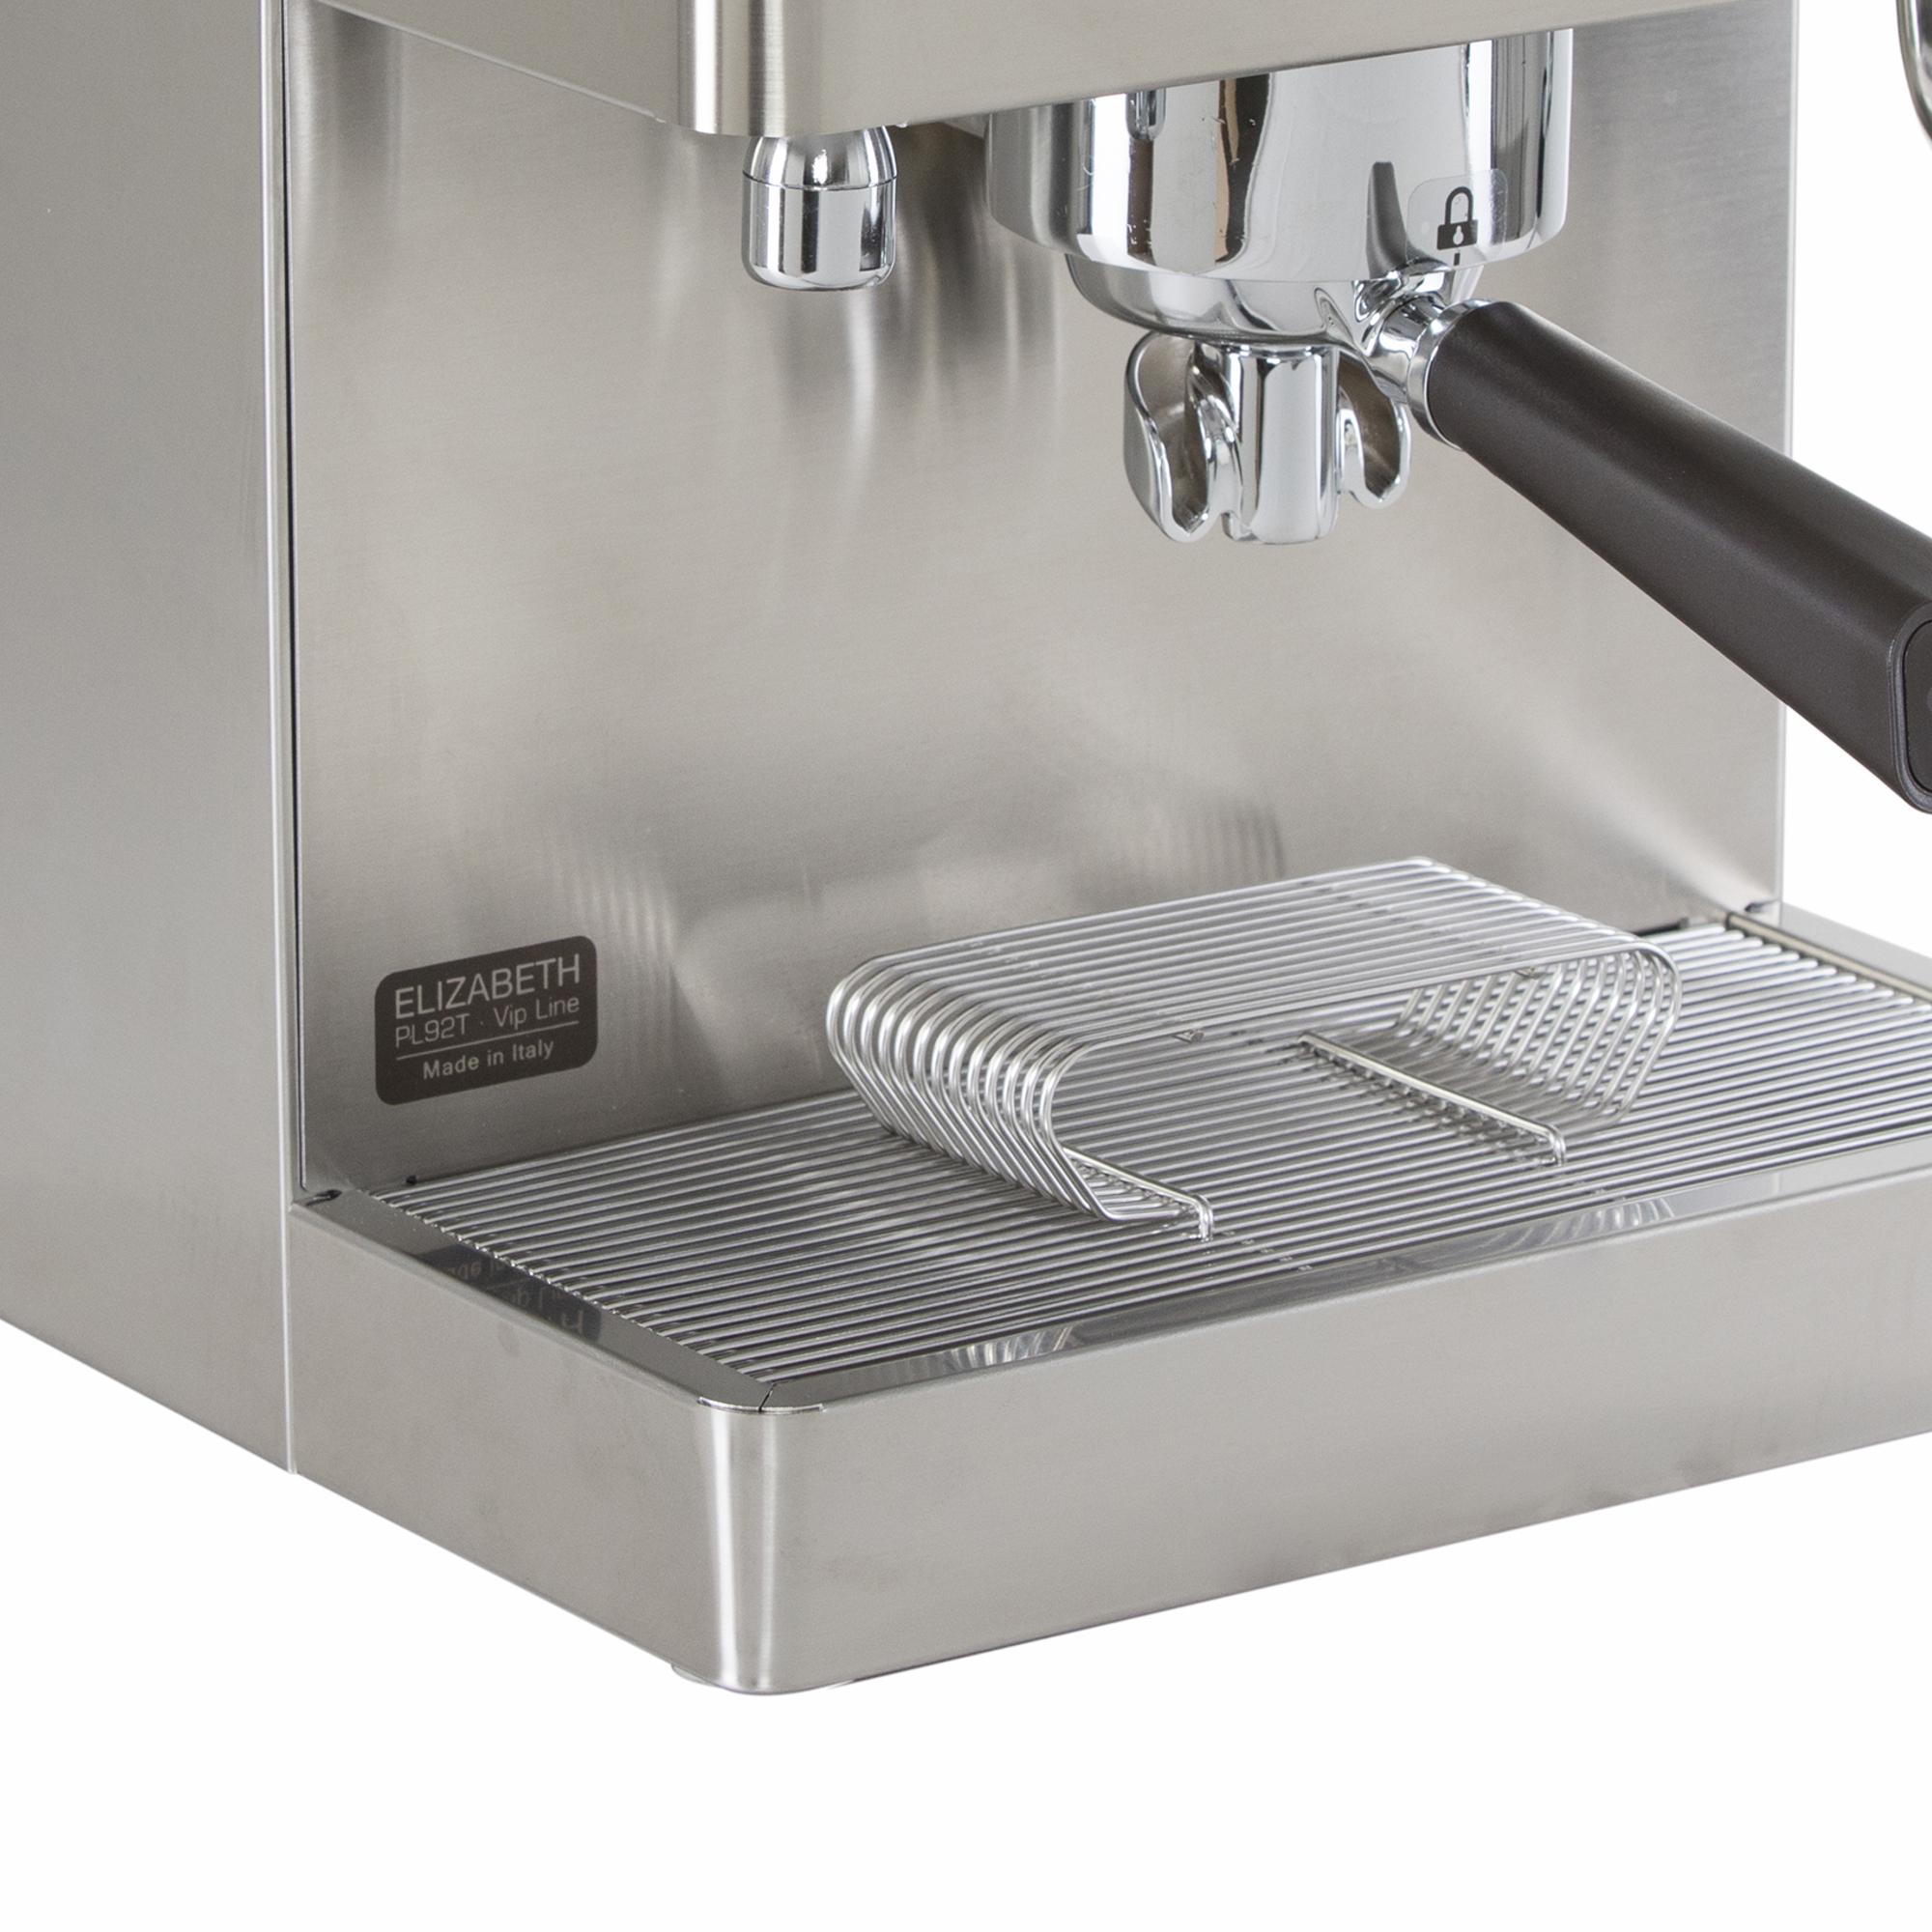 lelit-elizabeth-pl92t-wire-drip-tray-grill.jpg